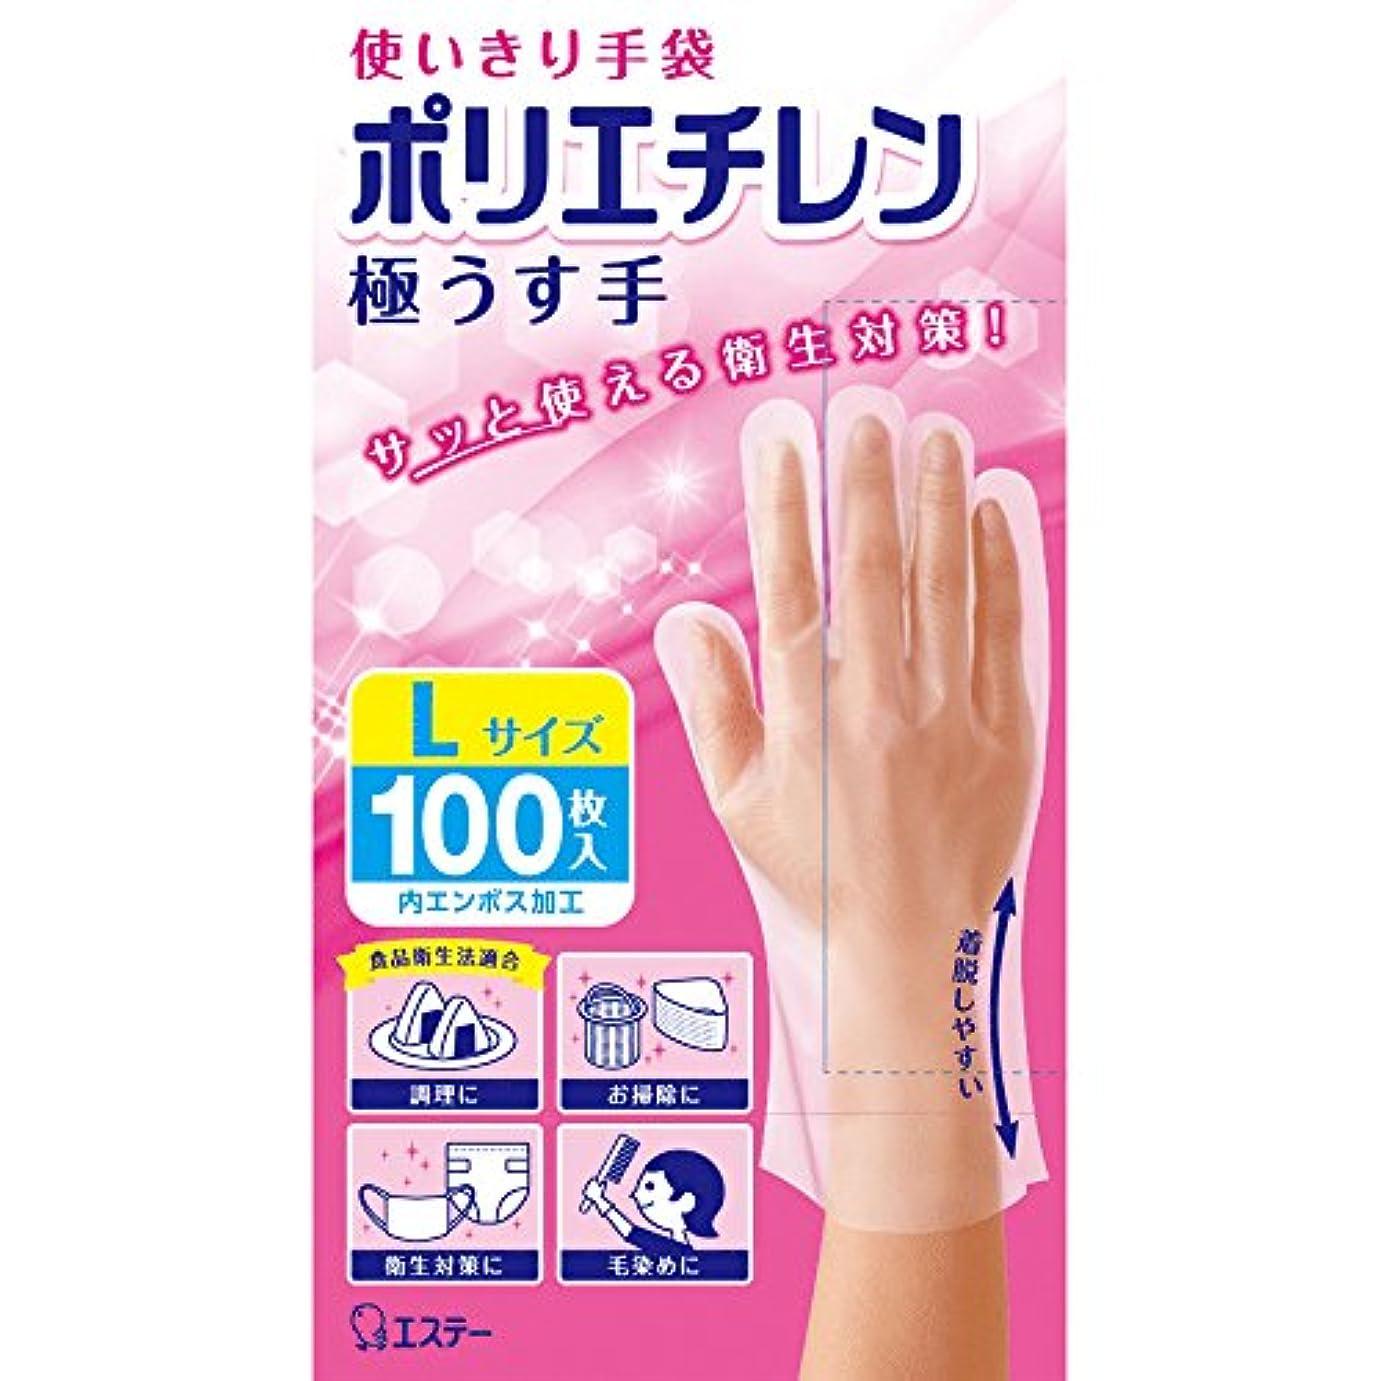 部族クライストチャーチテレビを見る使いきり手袋 ポリエチレン 極うす手 Lサイズ 半透明 100枚